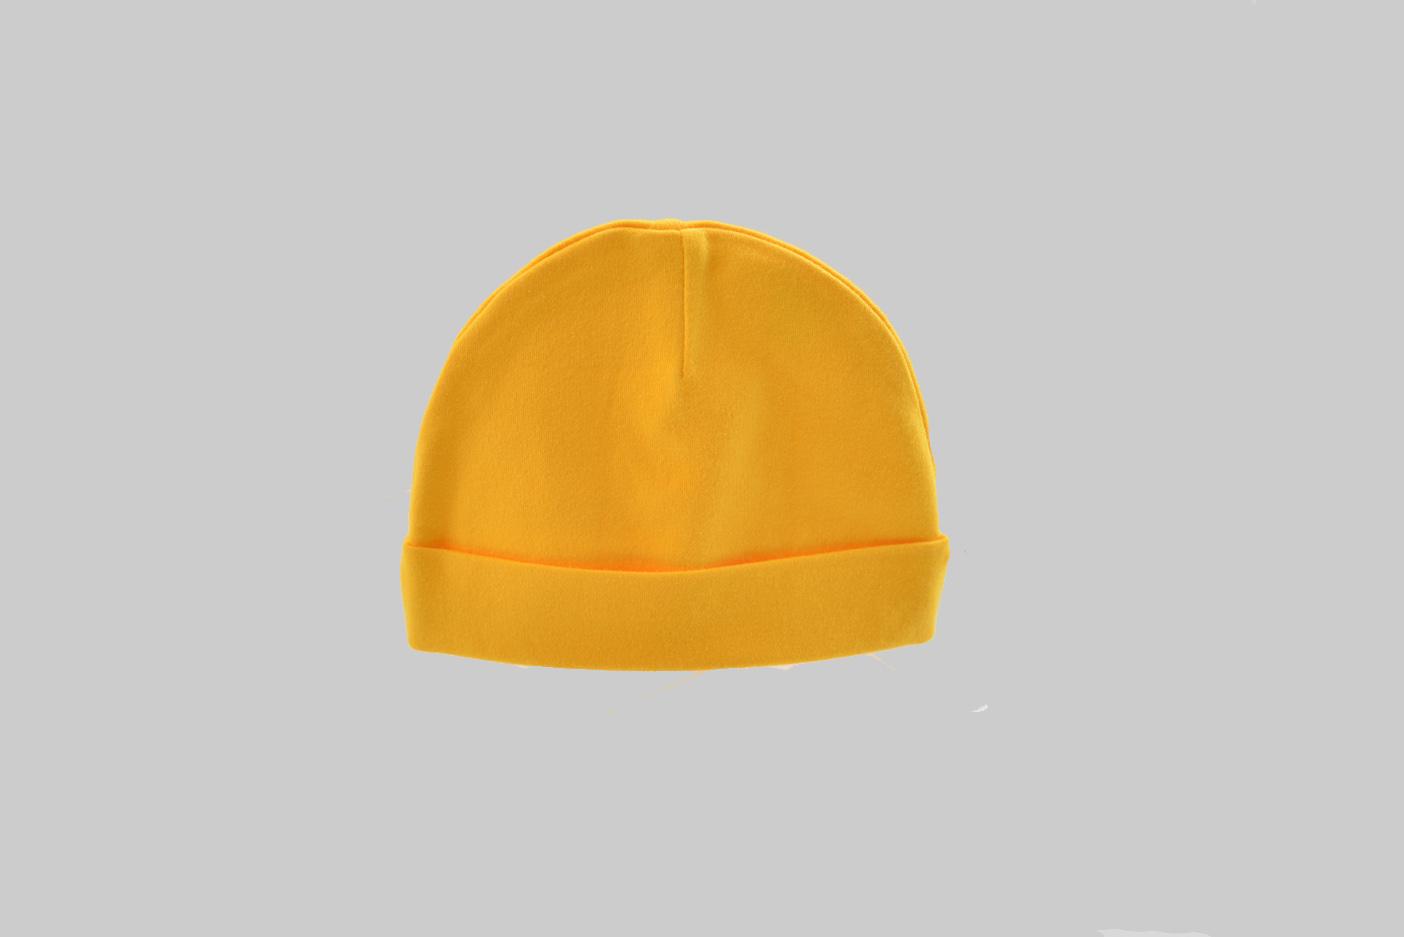 Golden Yellow baby cap